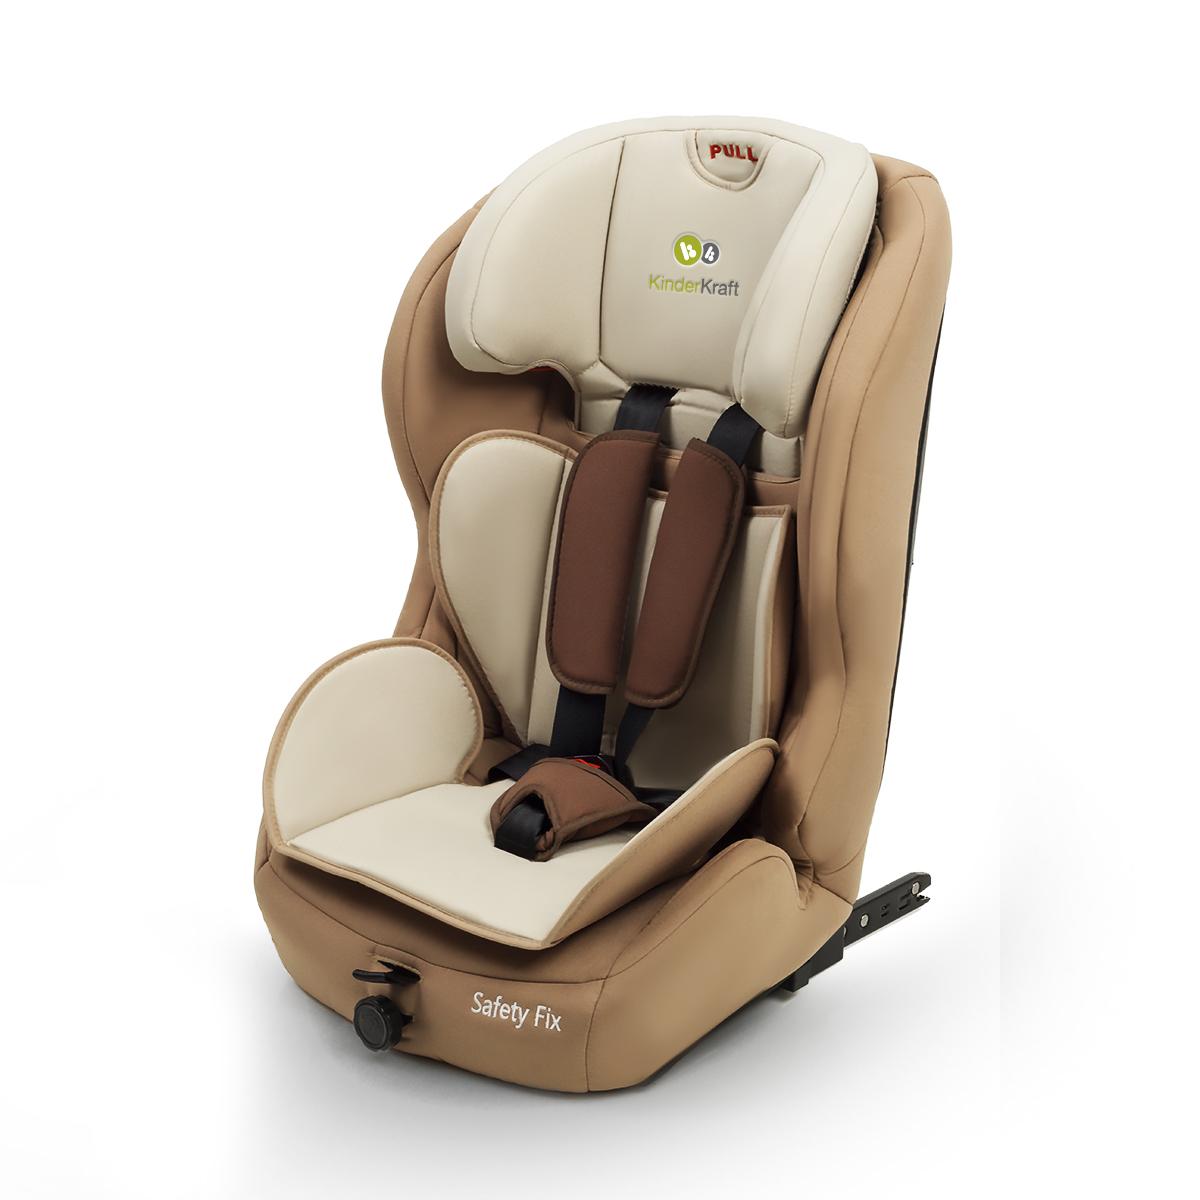 isofix car seat child car seat child seat car seat safetyfix beige ebay. Black Bedroom Furniture Sets. Home Design Ideas